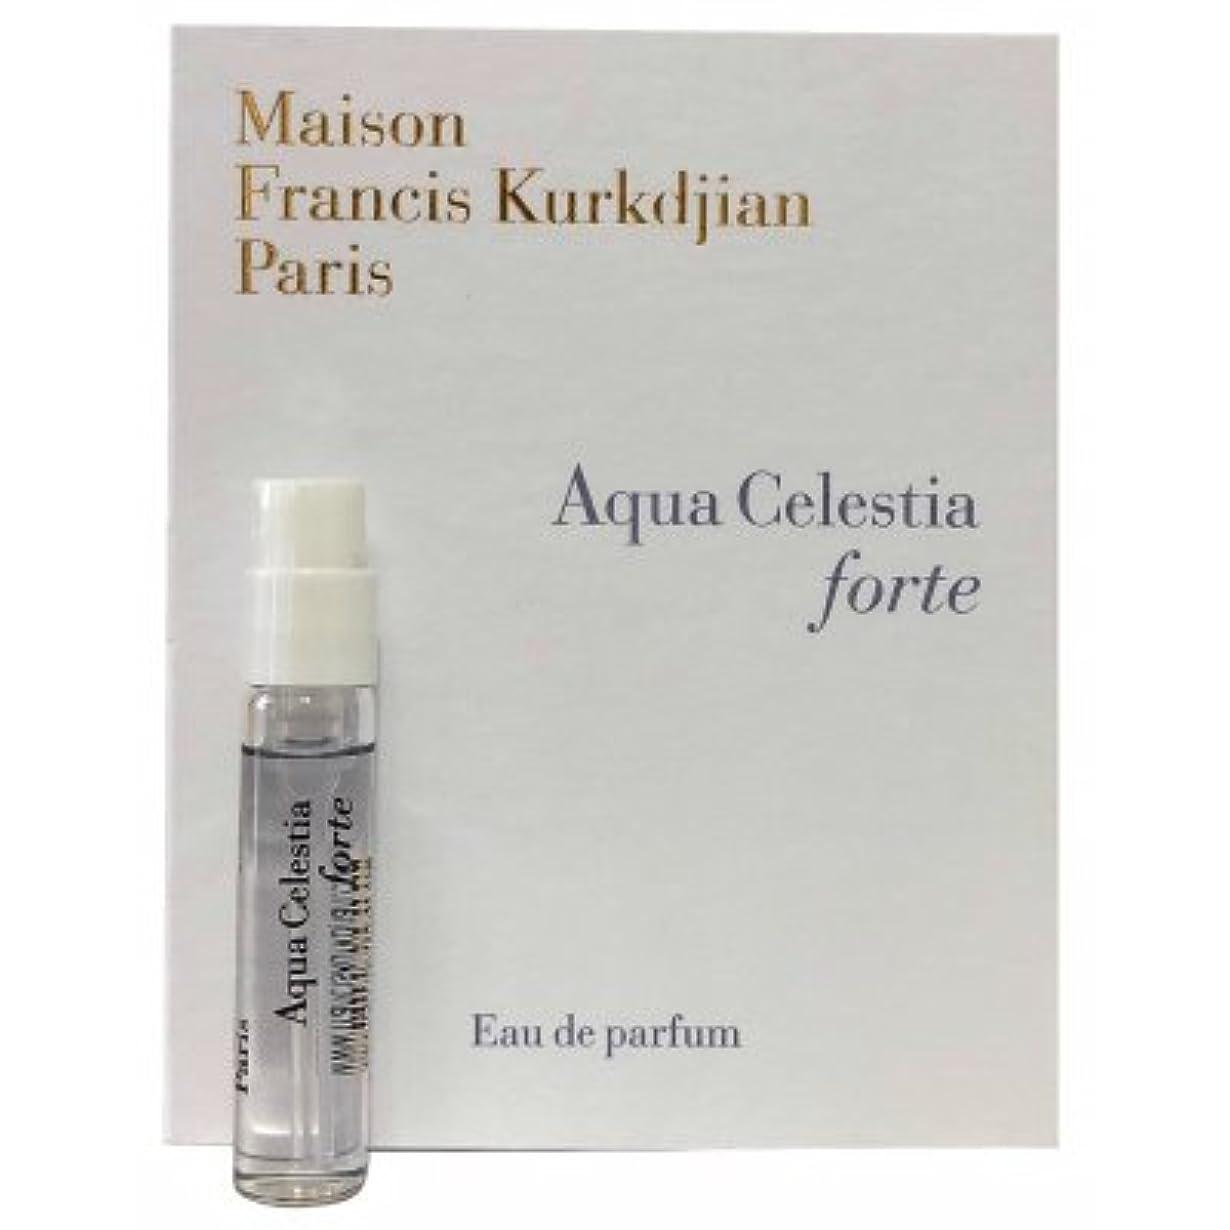 警告する勃起Maison Francis Kurkdjian Aqua Celestia Forte EDP Vial Sample 2ml(メゾン フランシス クルジャン アクア セレスティア フォーテ オードパルファン 2ml)...